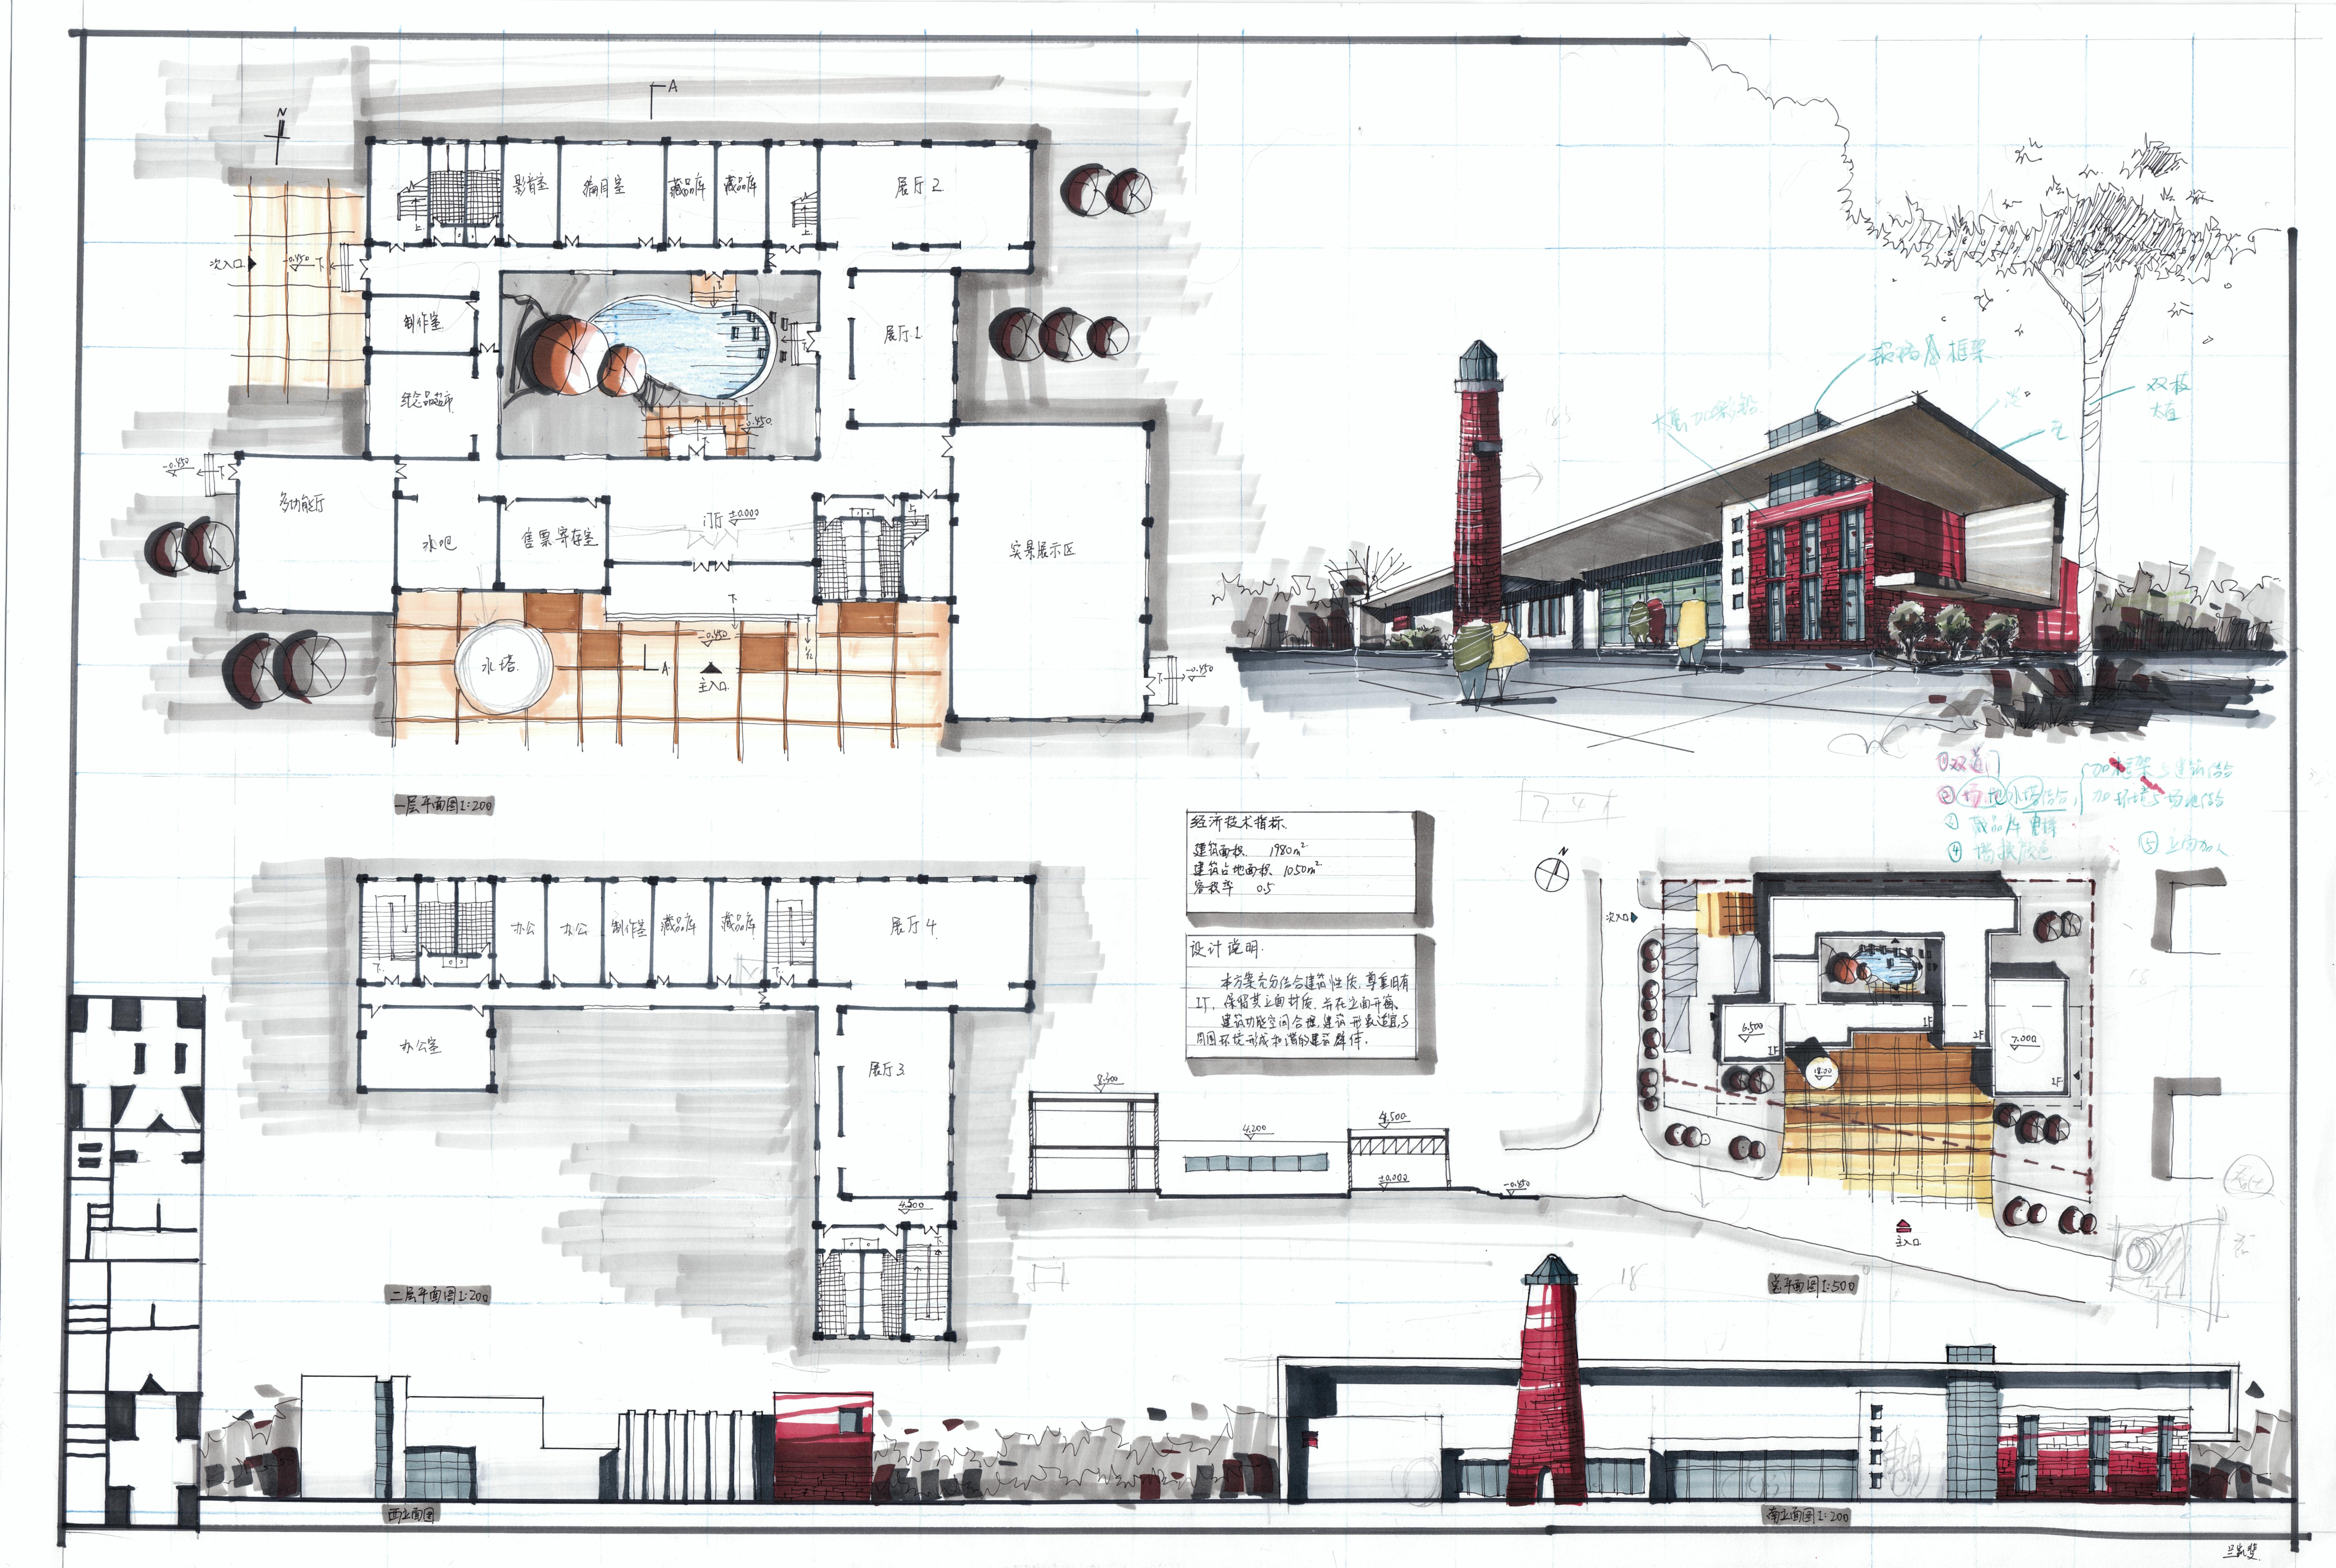 建筑设计排版模板a1-建筑设计图纸排版-建筑设计作品集模板-建筑排版